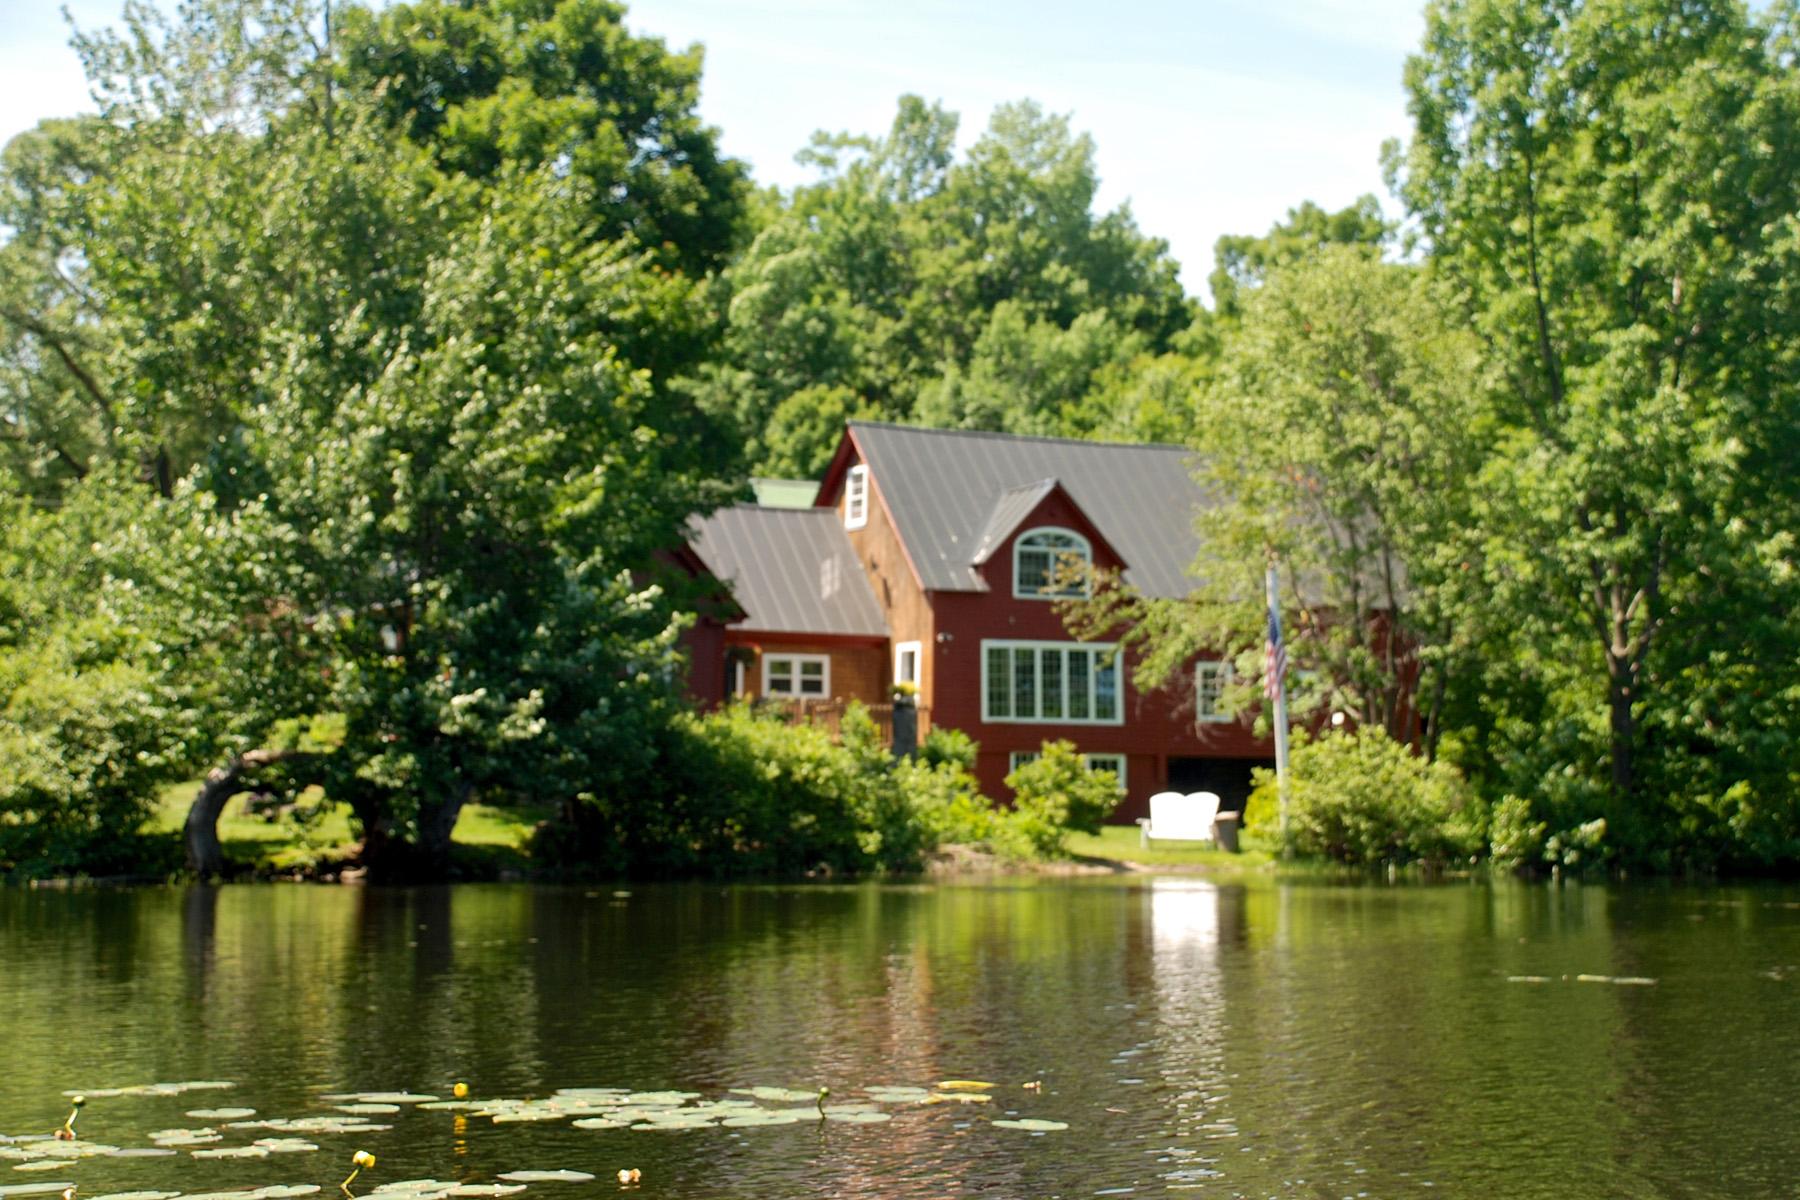 Villa per Vendita alle ore 64 Goose Hole Road, New London 64 Goose Hole Rd New London, New Hampshire 03257 Stati Uniti